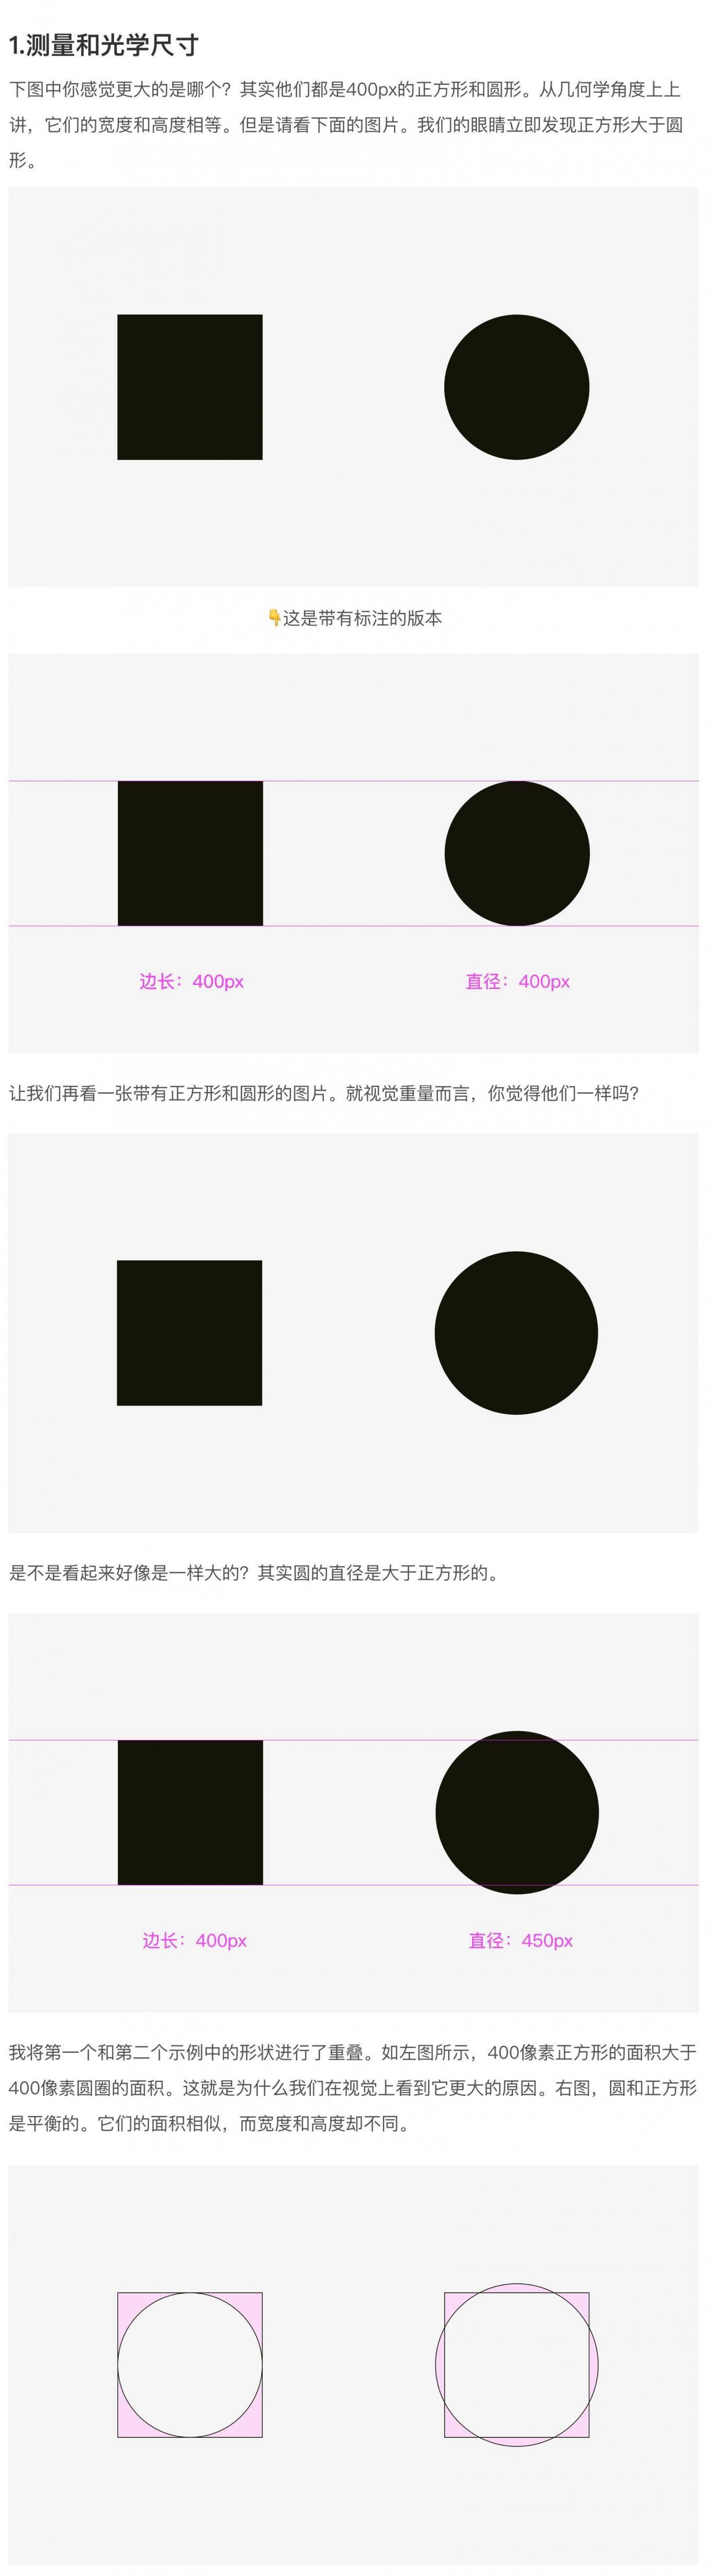 图标设计中的平衡与圆角